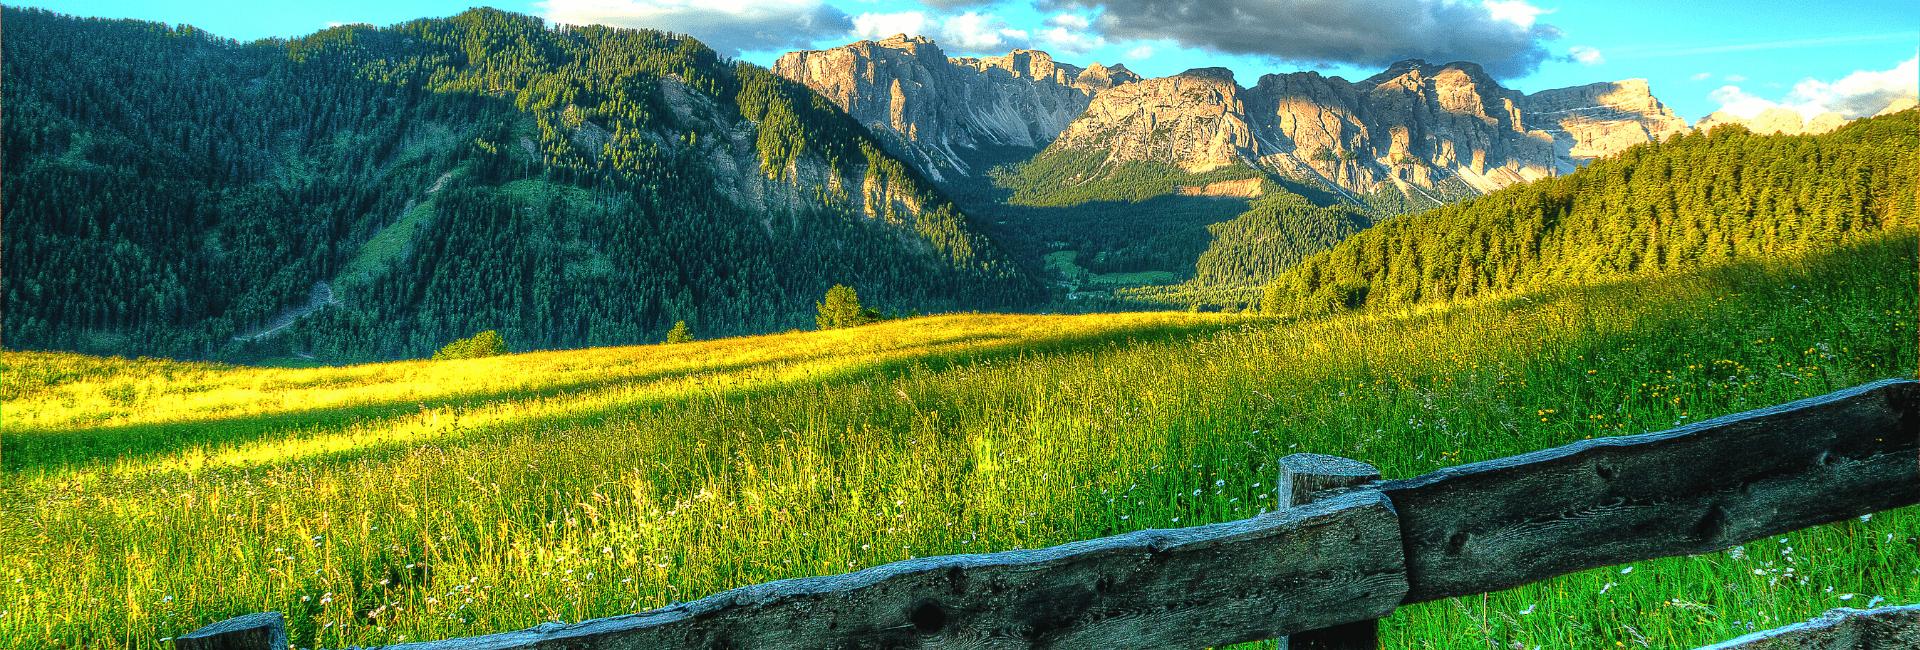 Der venter autentiske oplevelser på en ranch i USA - Risskov Rejser over 25 års erfaring